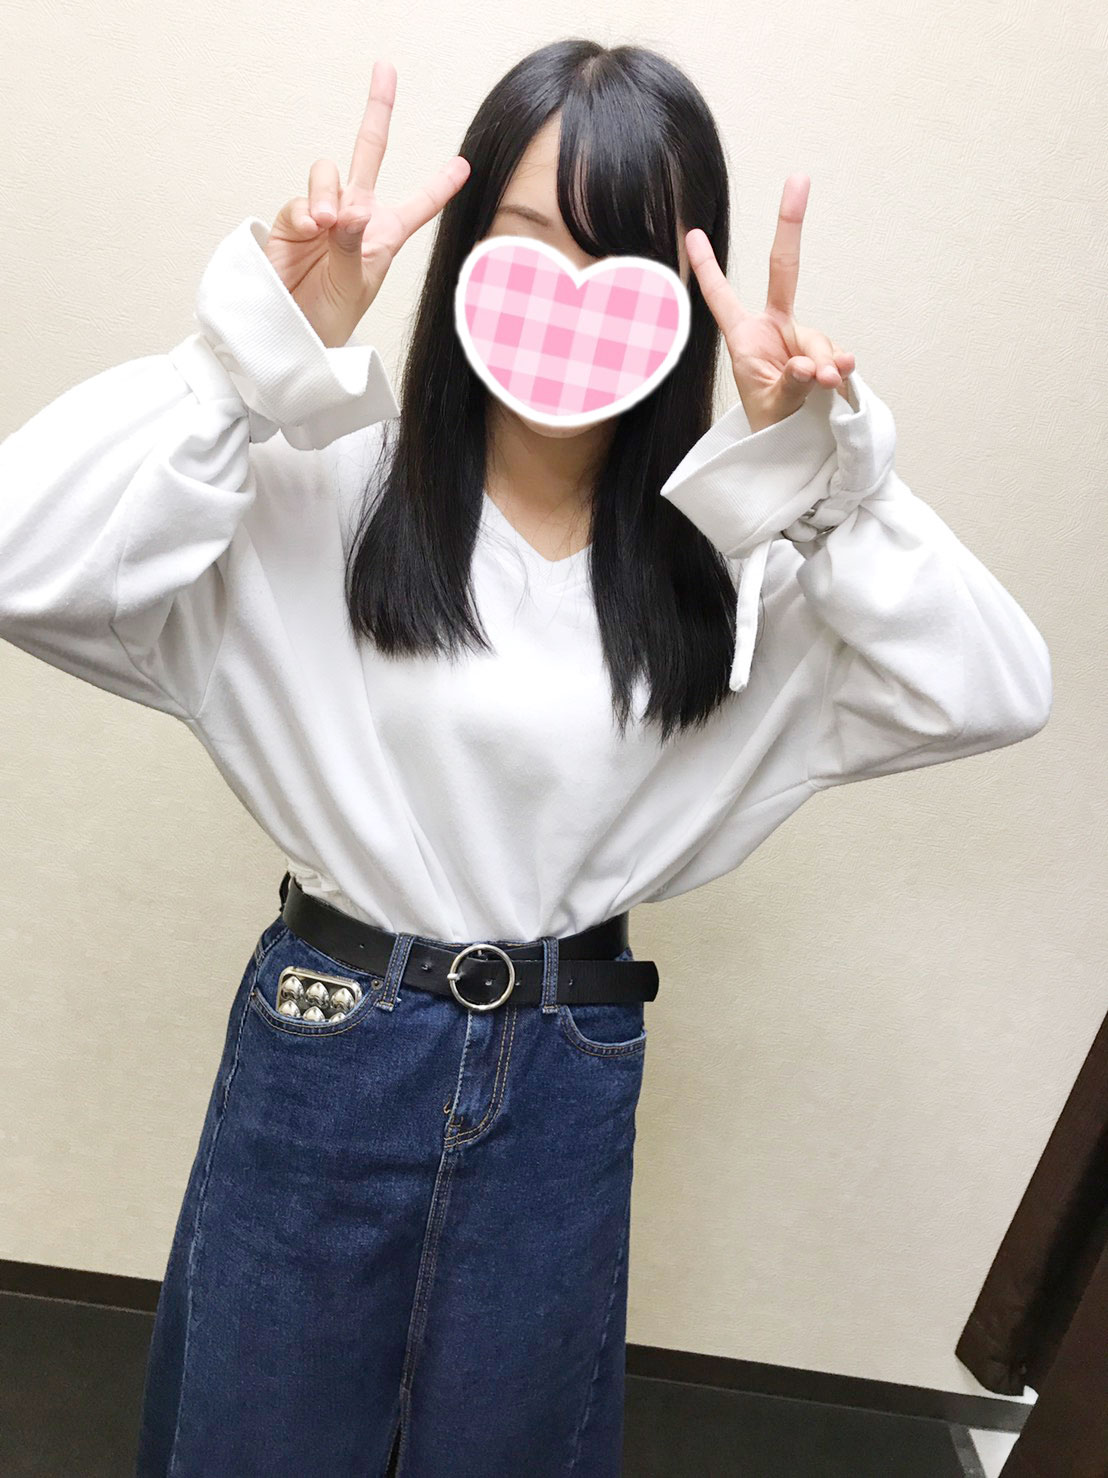 メイド喫茶・コスプレリフレの萌え系情報の【もえなび!】